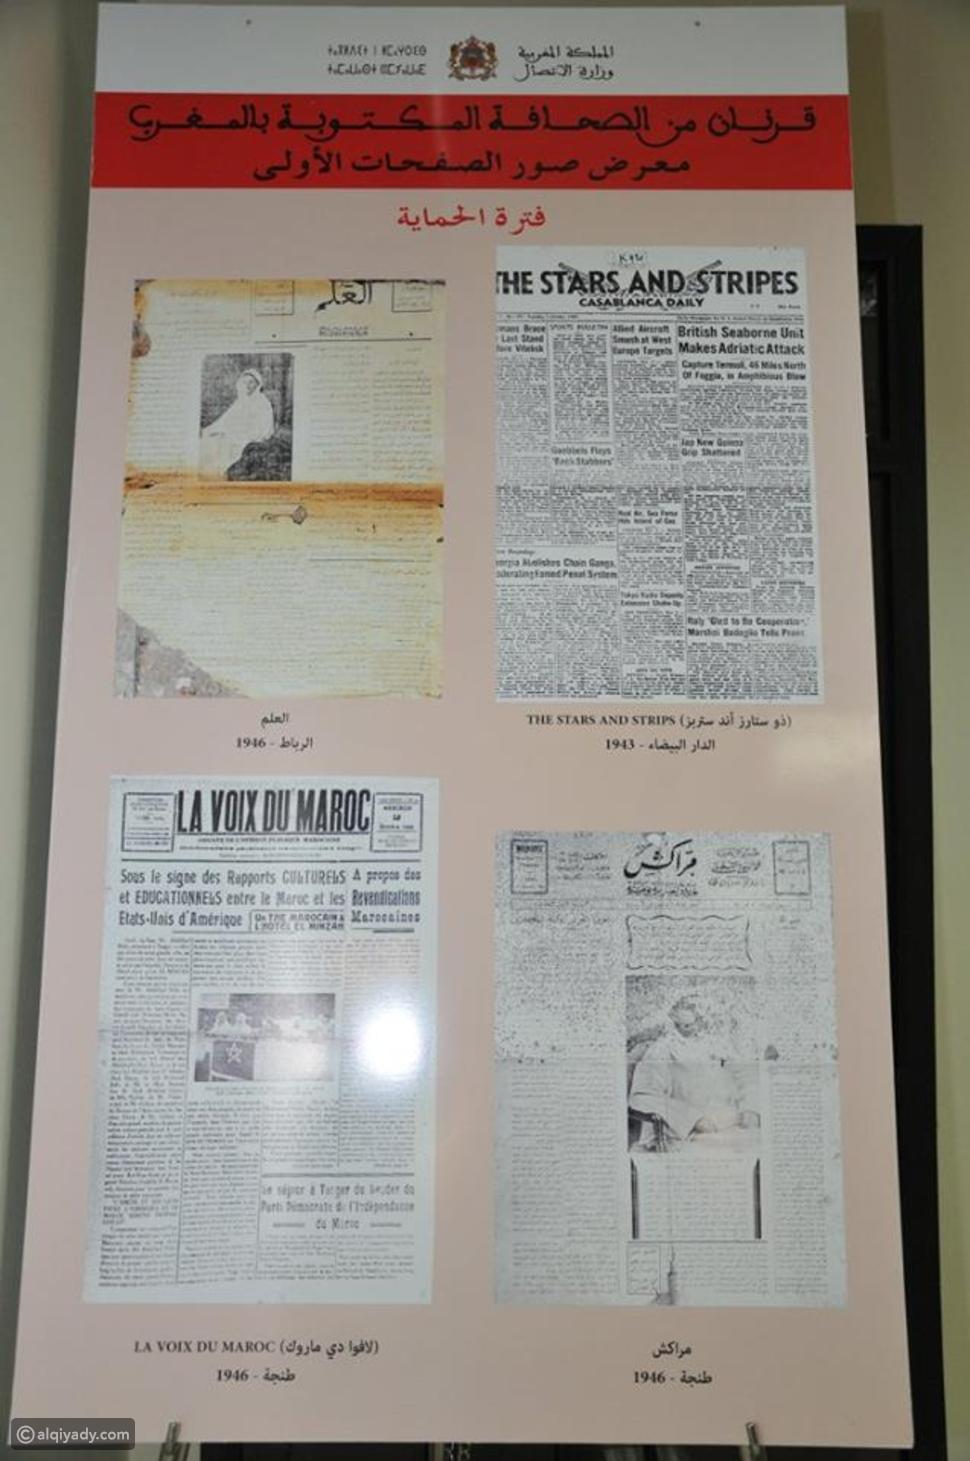 بيت الصحافة بطنجة ينظم معرض لأرشيف الصحافة المكتوبة